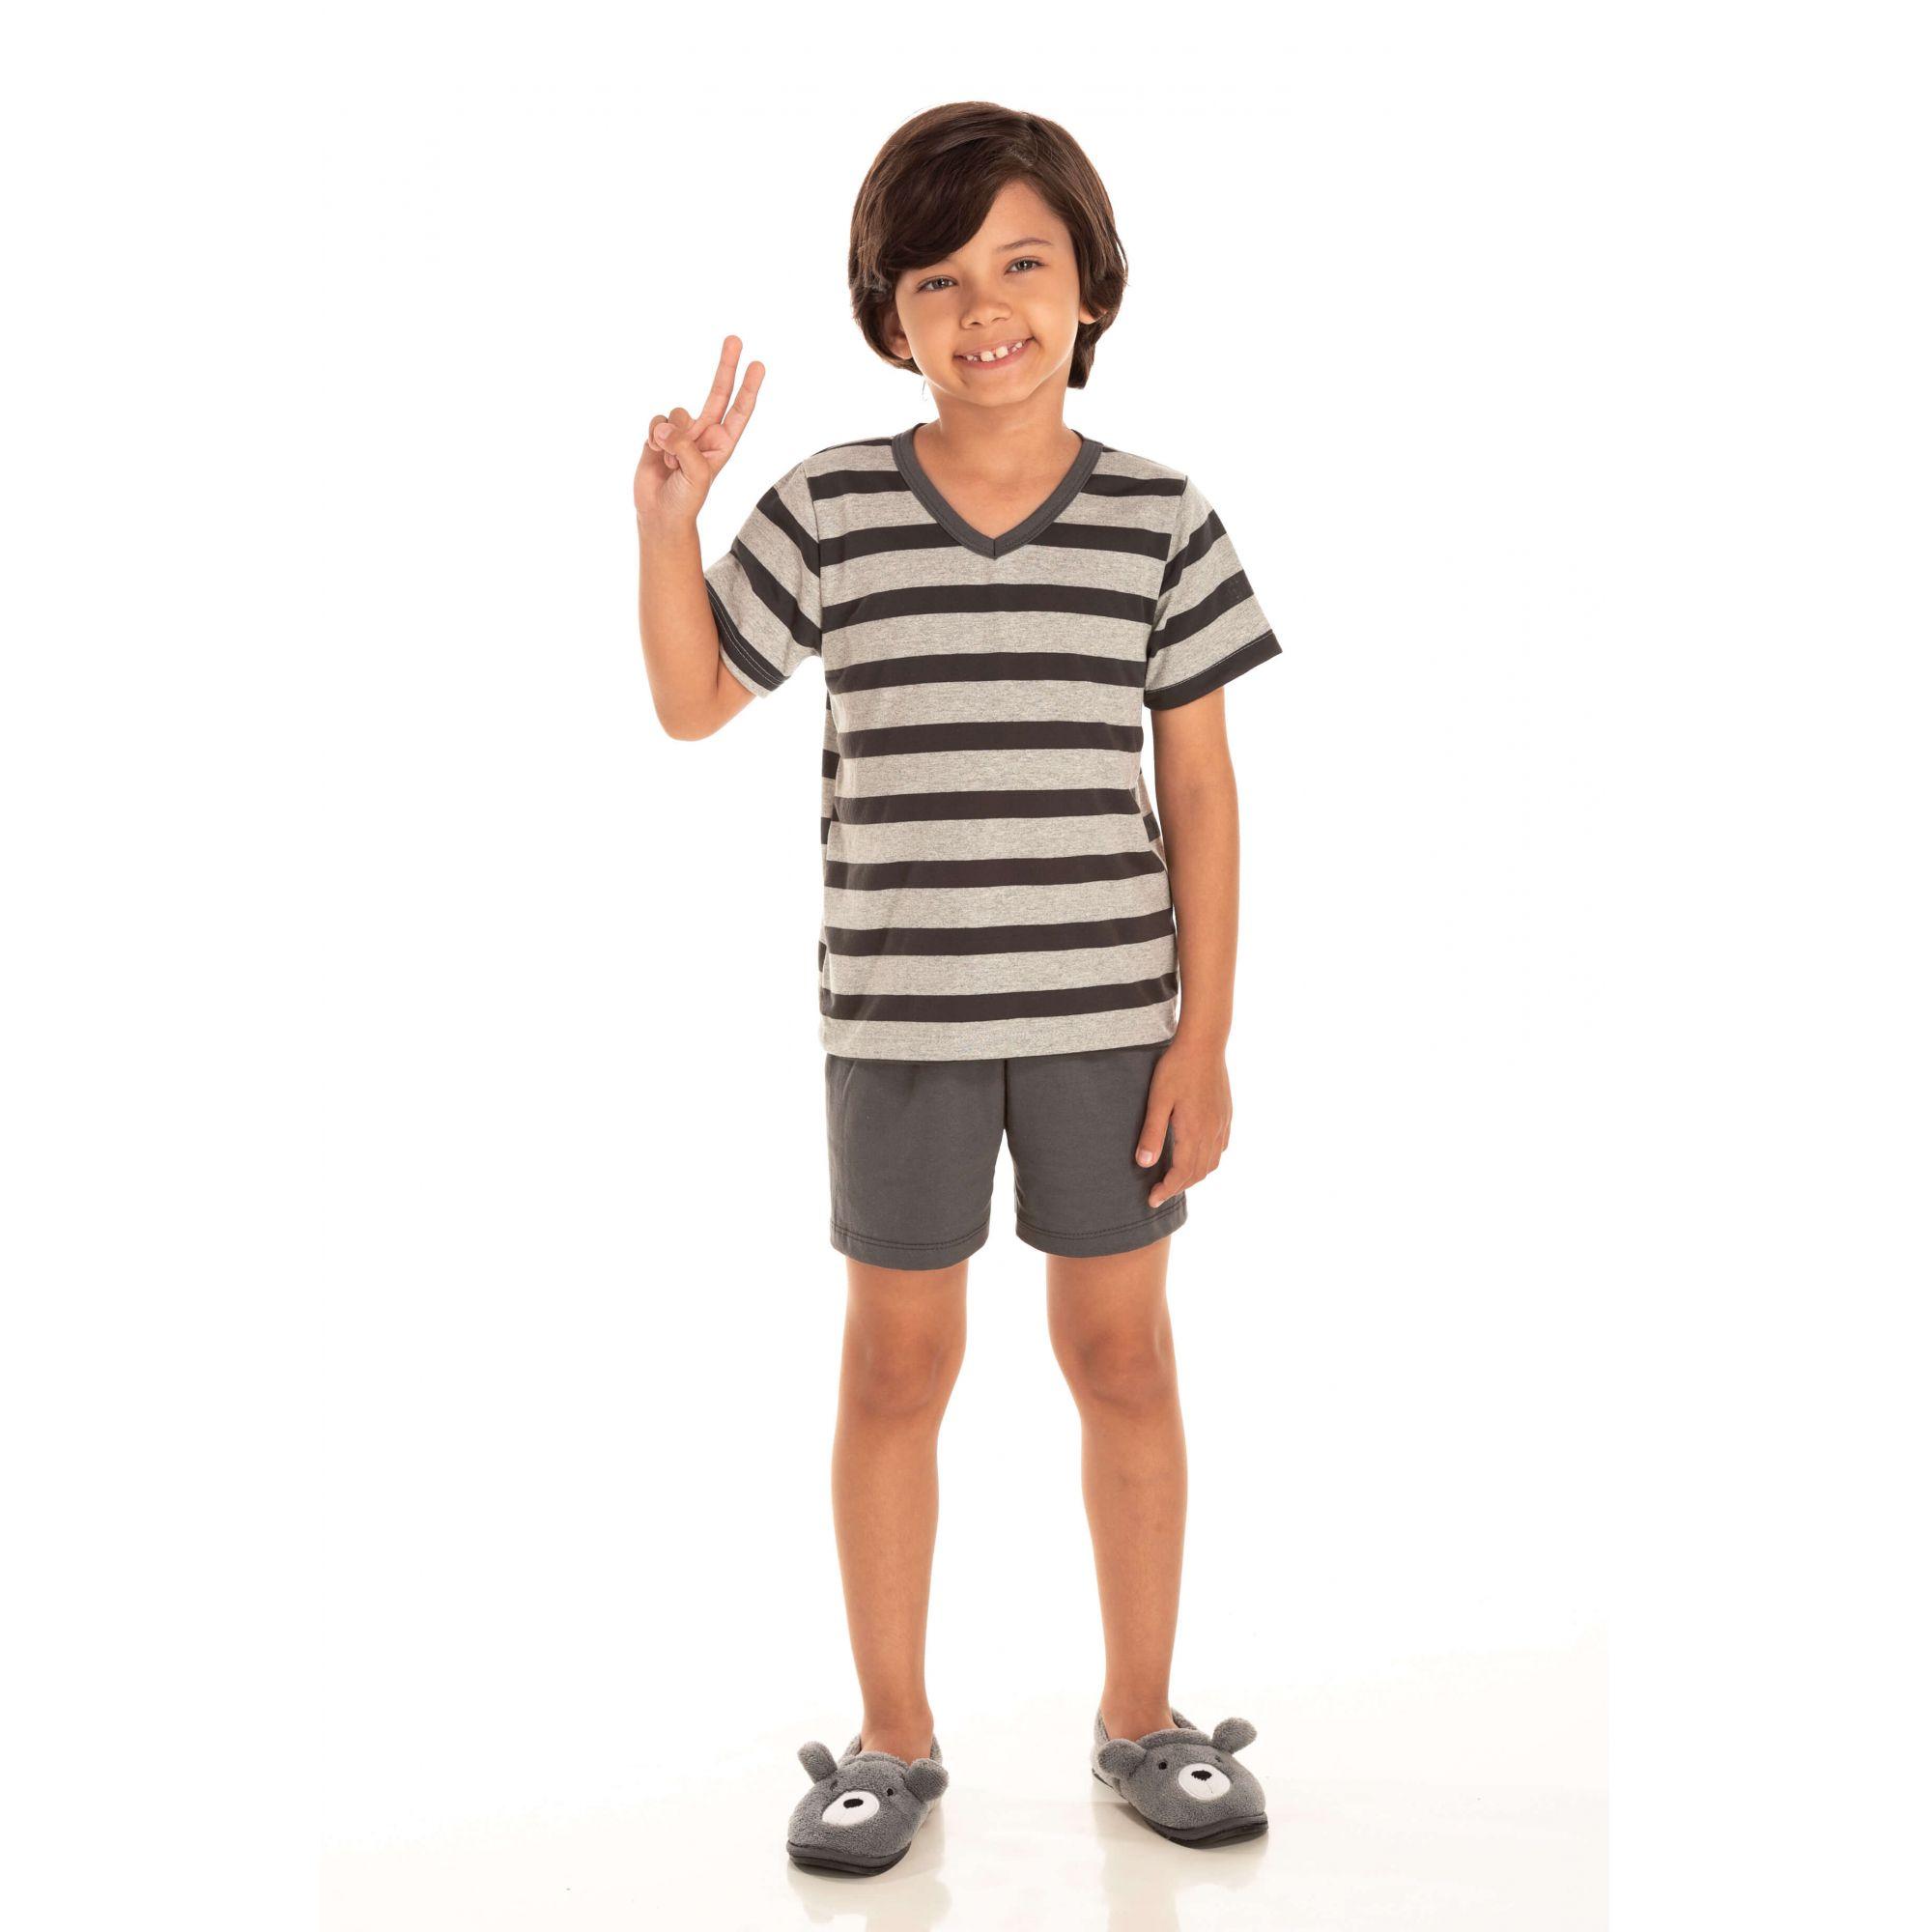 222/A - Pijama Infantil Curto - Pai e Filho